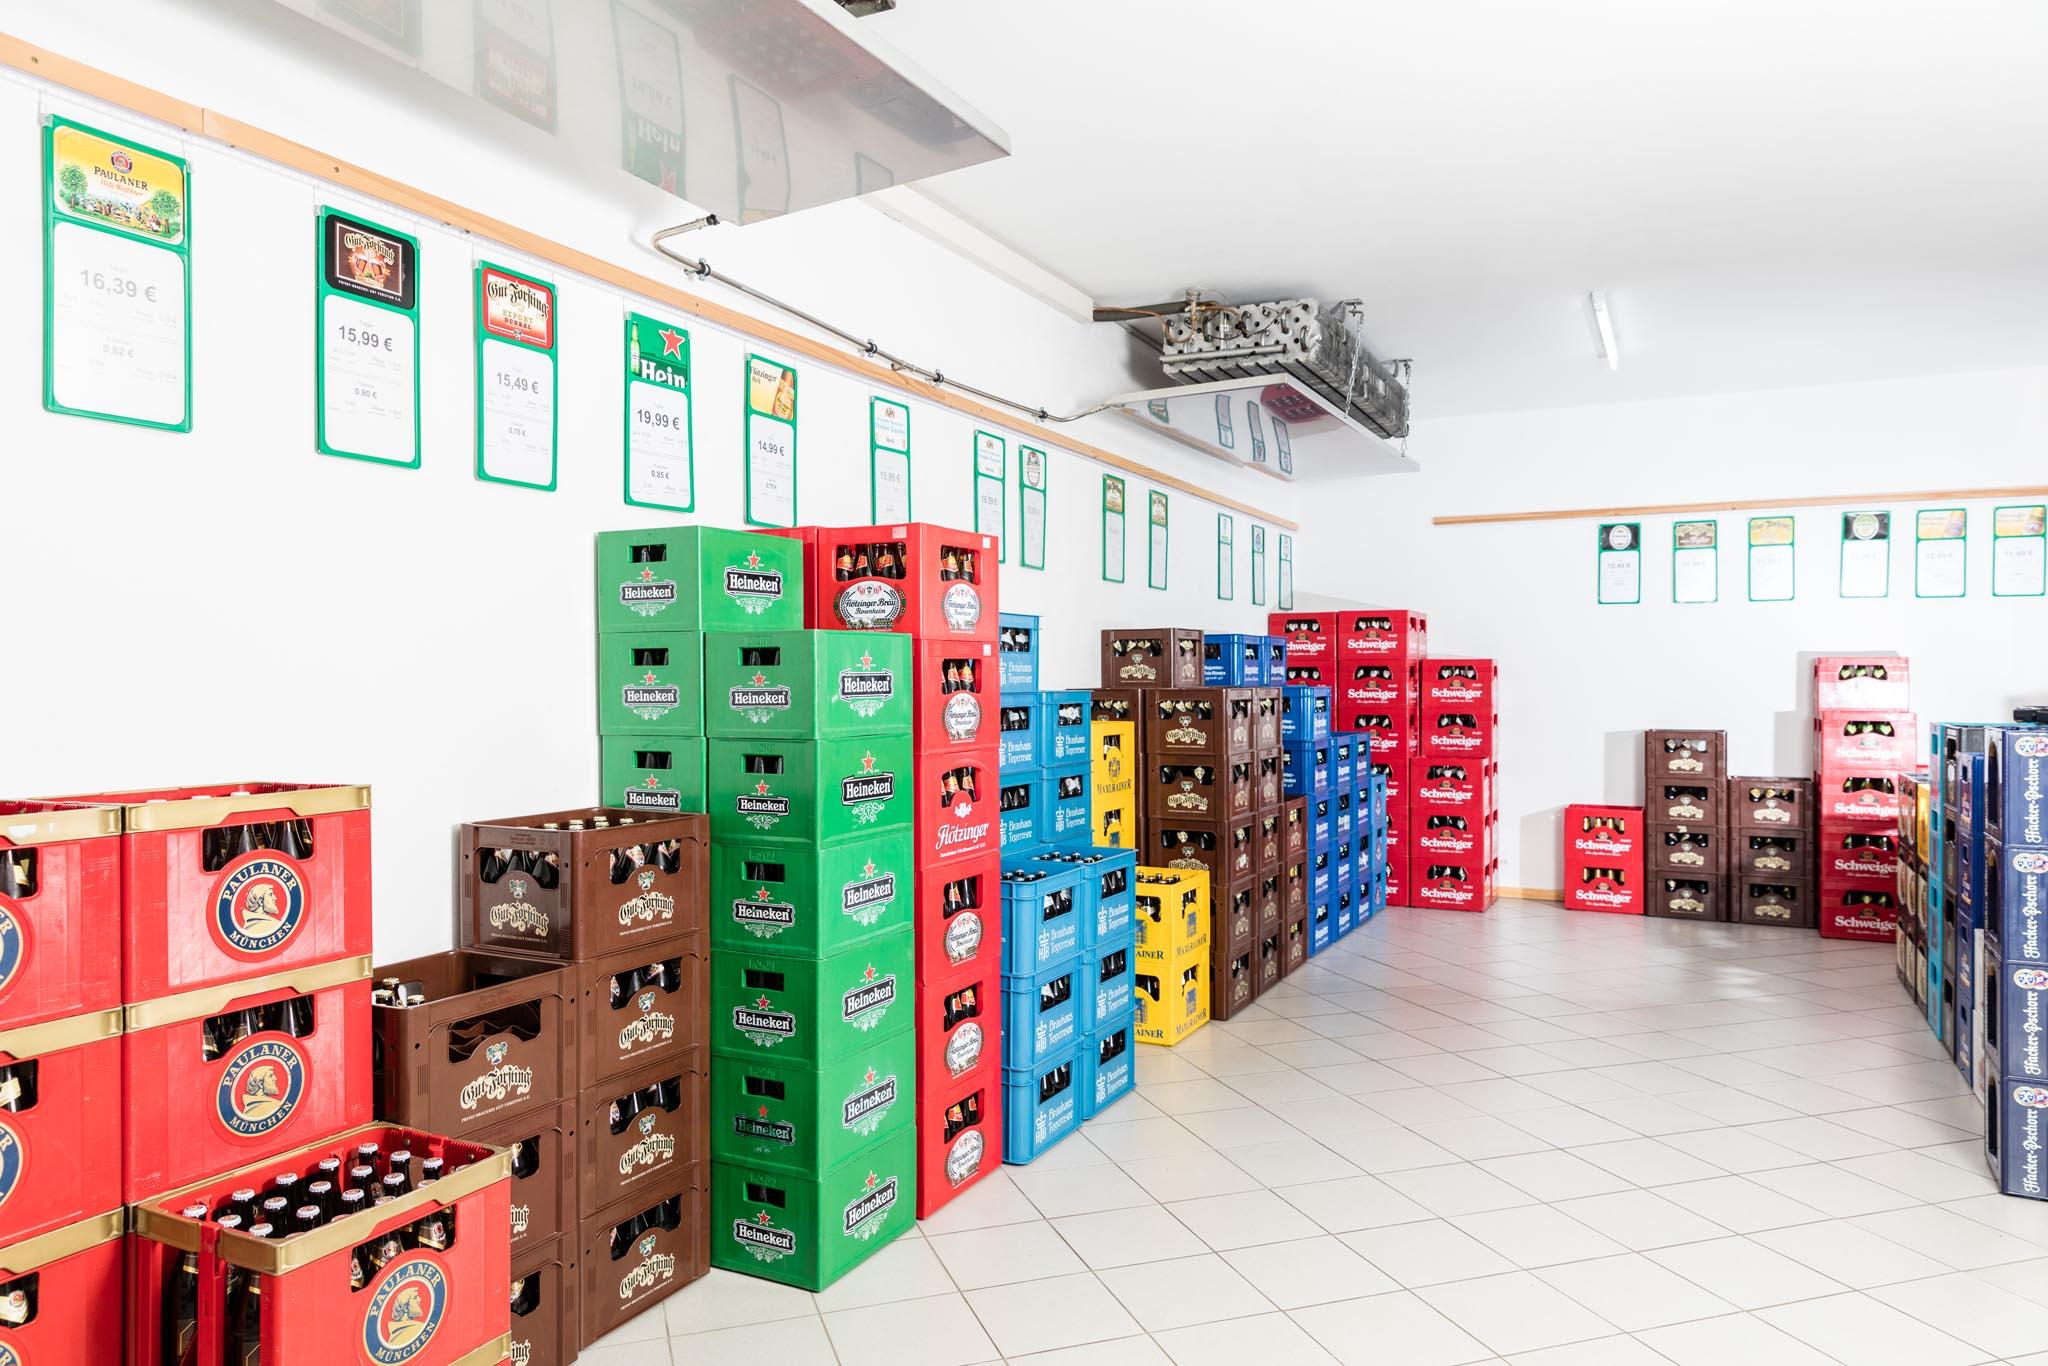 Abholmarkt Getränkemarkt - Getränke-Daberger